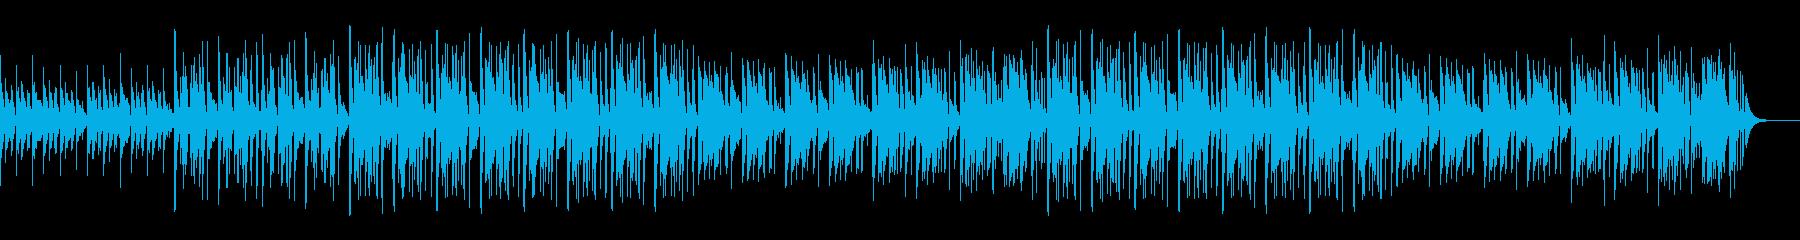 ソウルフルなピアノのおしゃれヒップホップの再生済みの波形